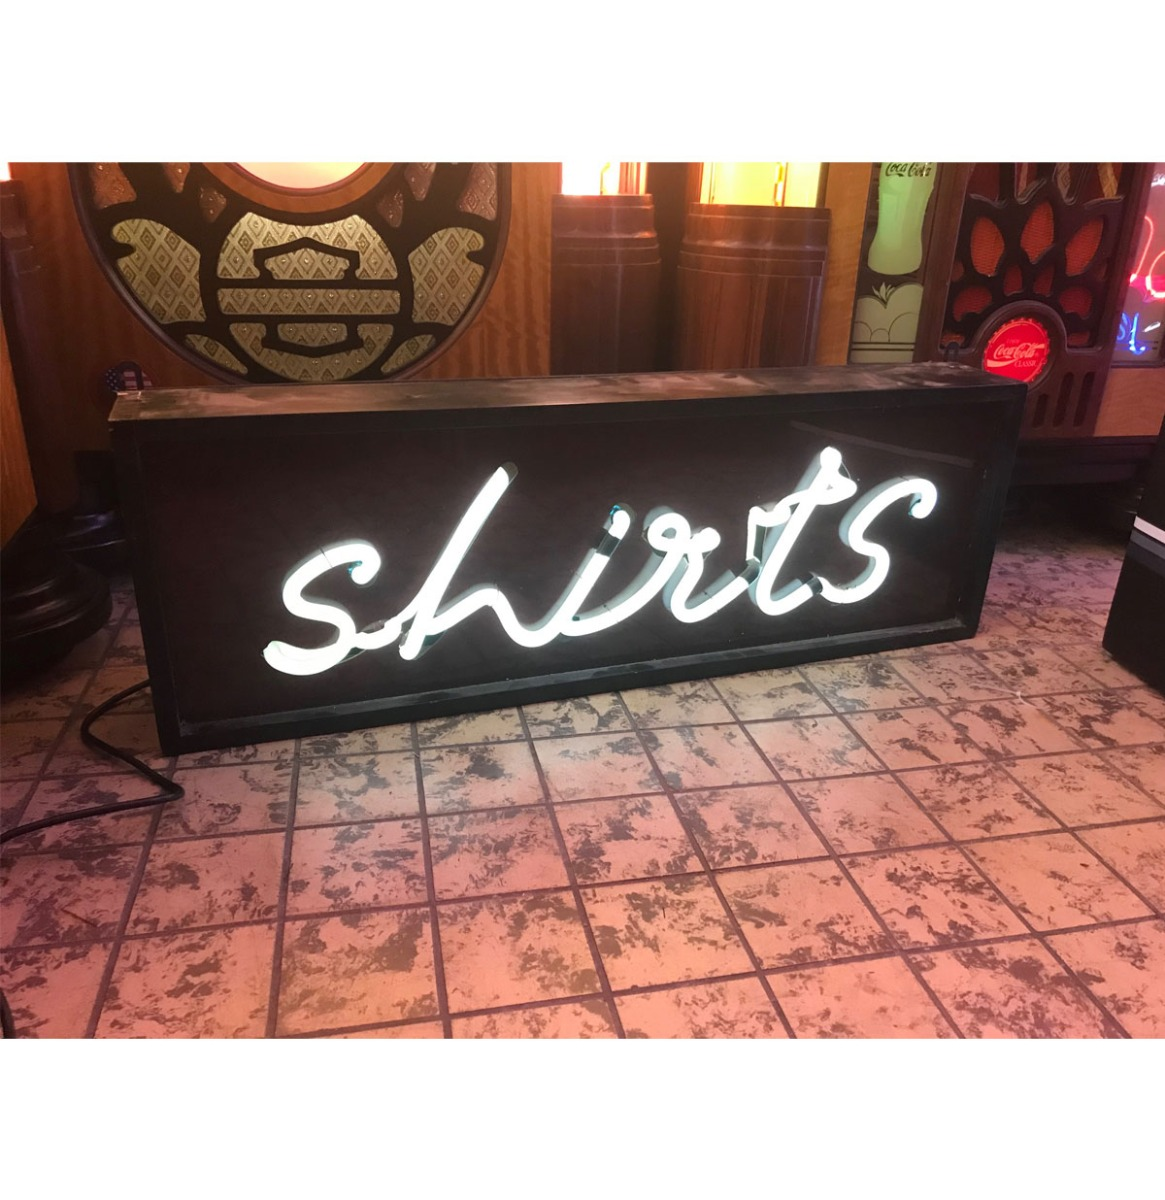 Shirts Neon Verlichting - Oud Model In Bak